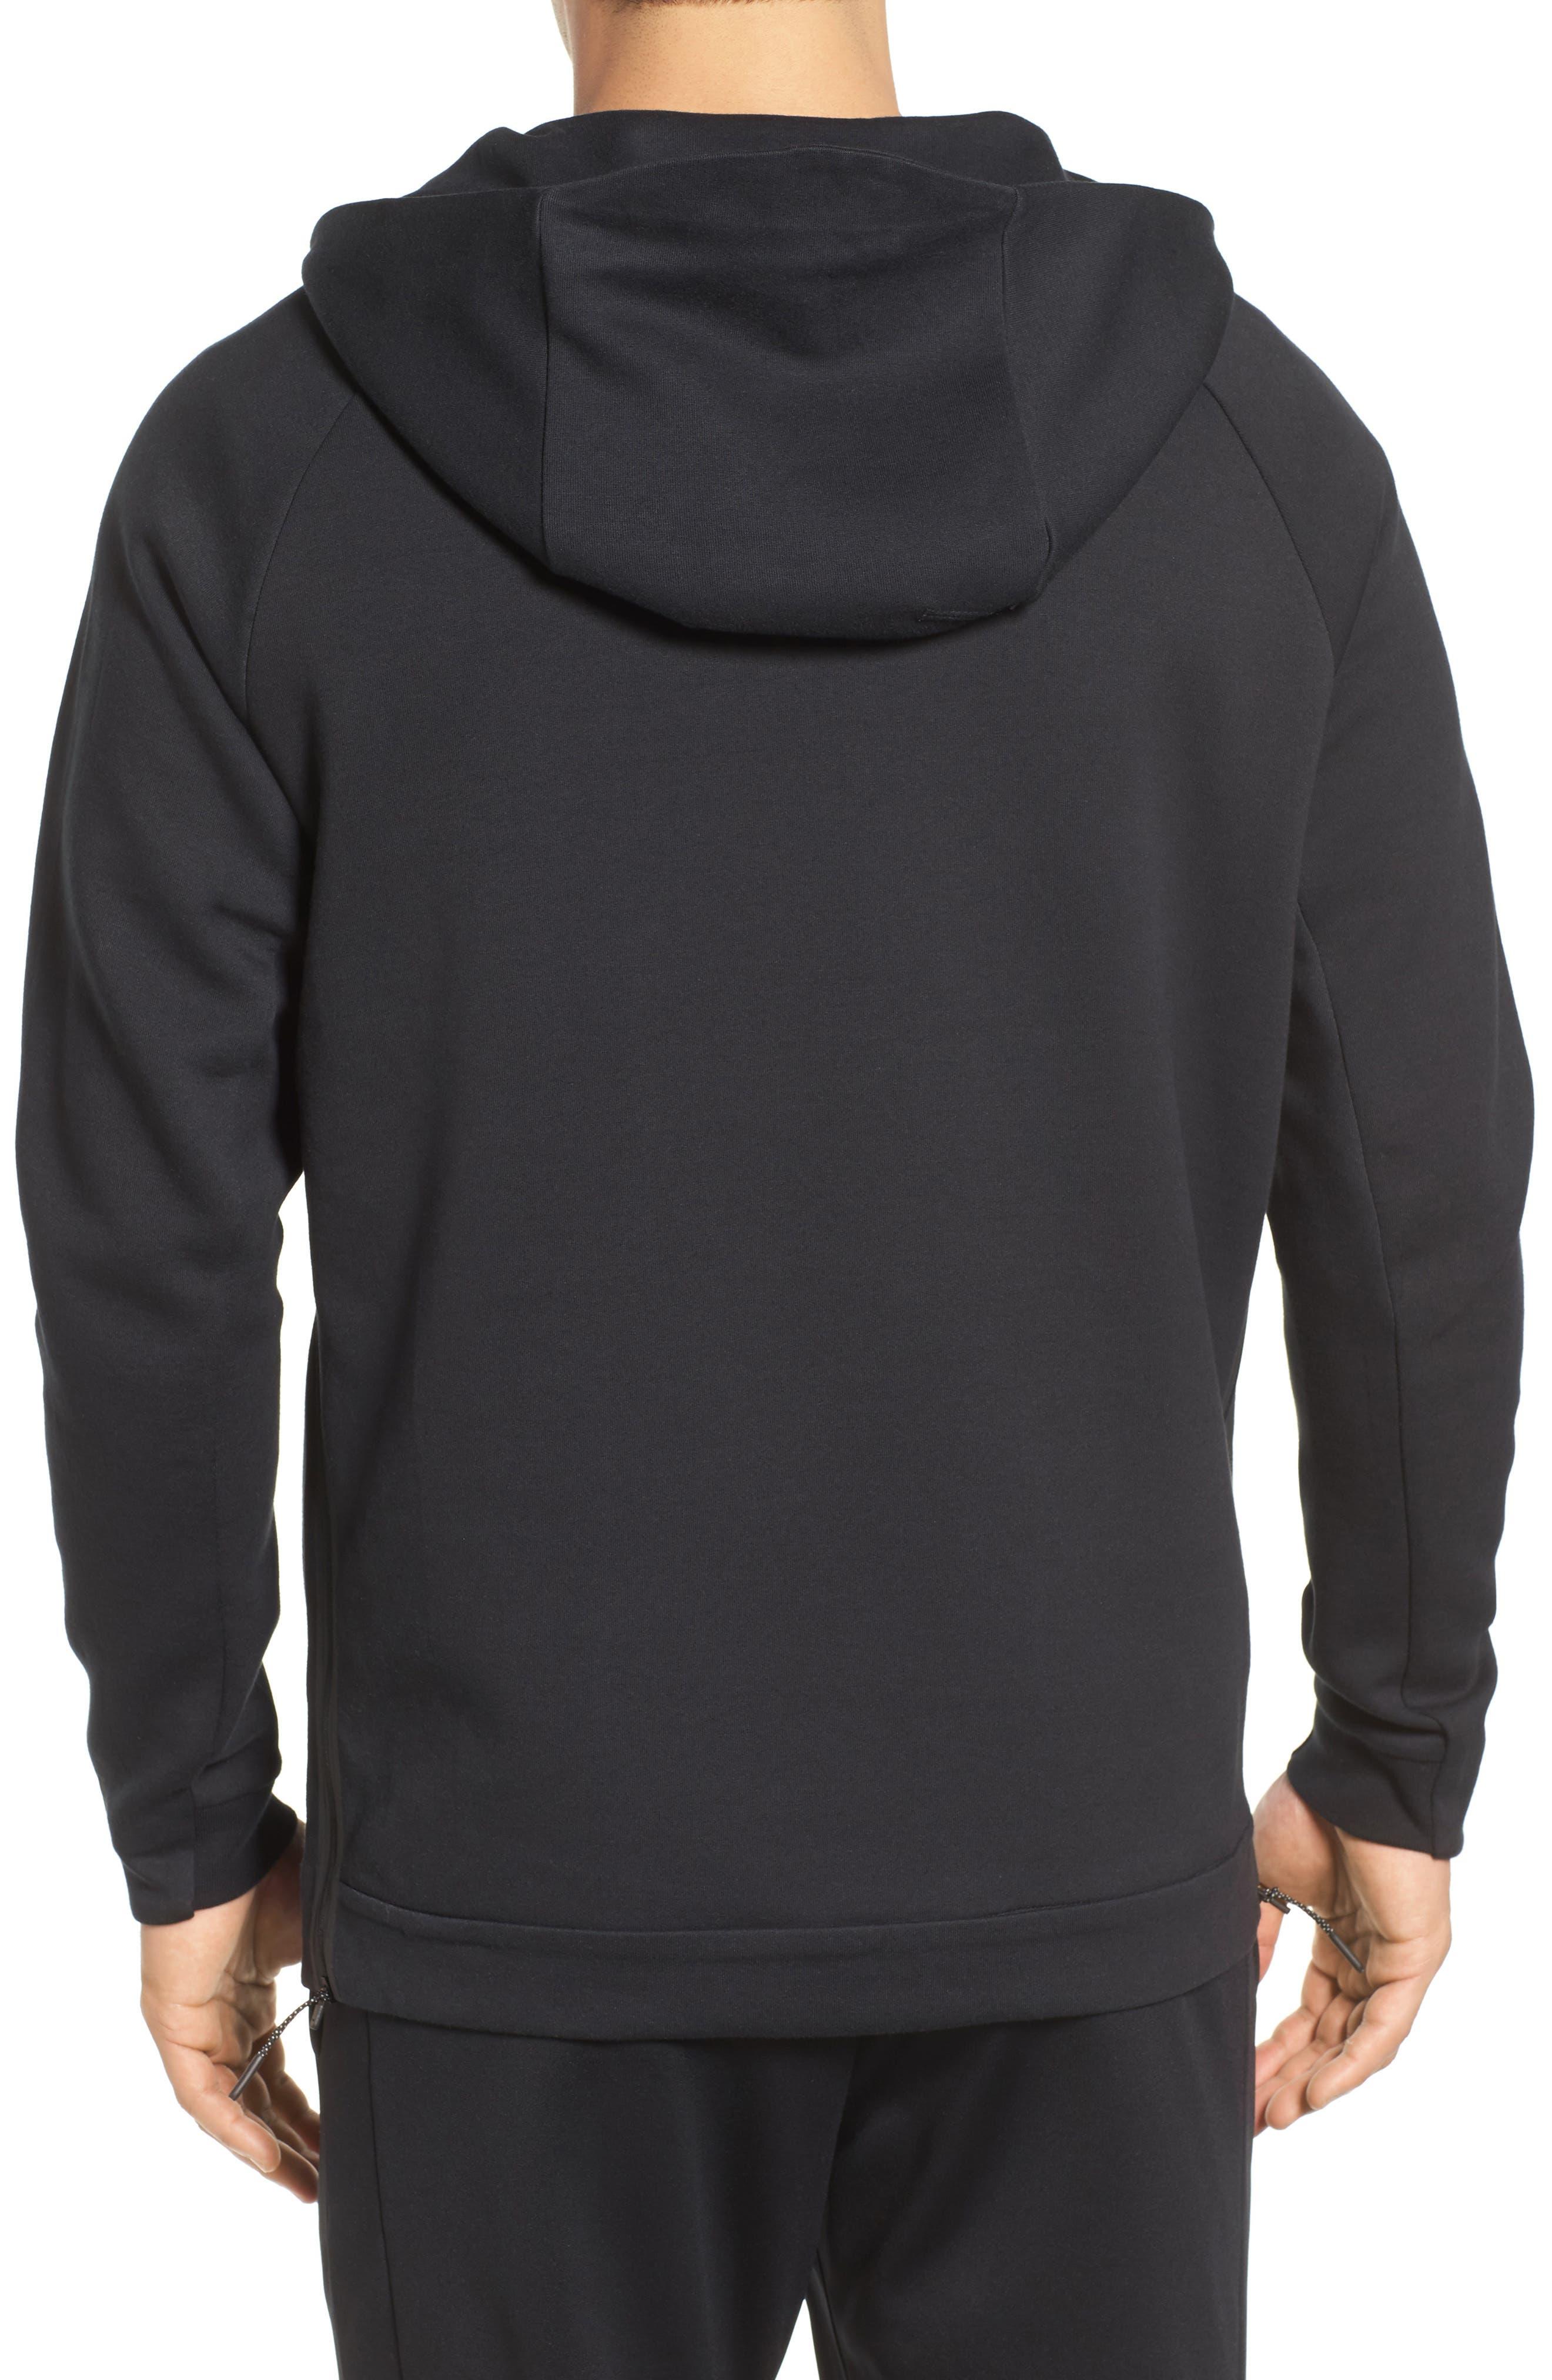 Half-Zip Pullover Hoodie,                             Alternate thumbnail 2, color,                             Black/ Black/ Black